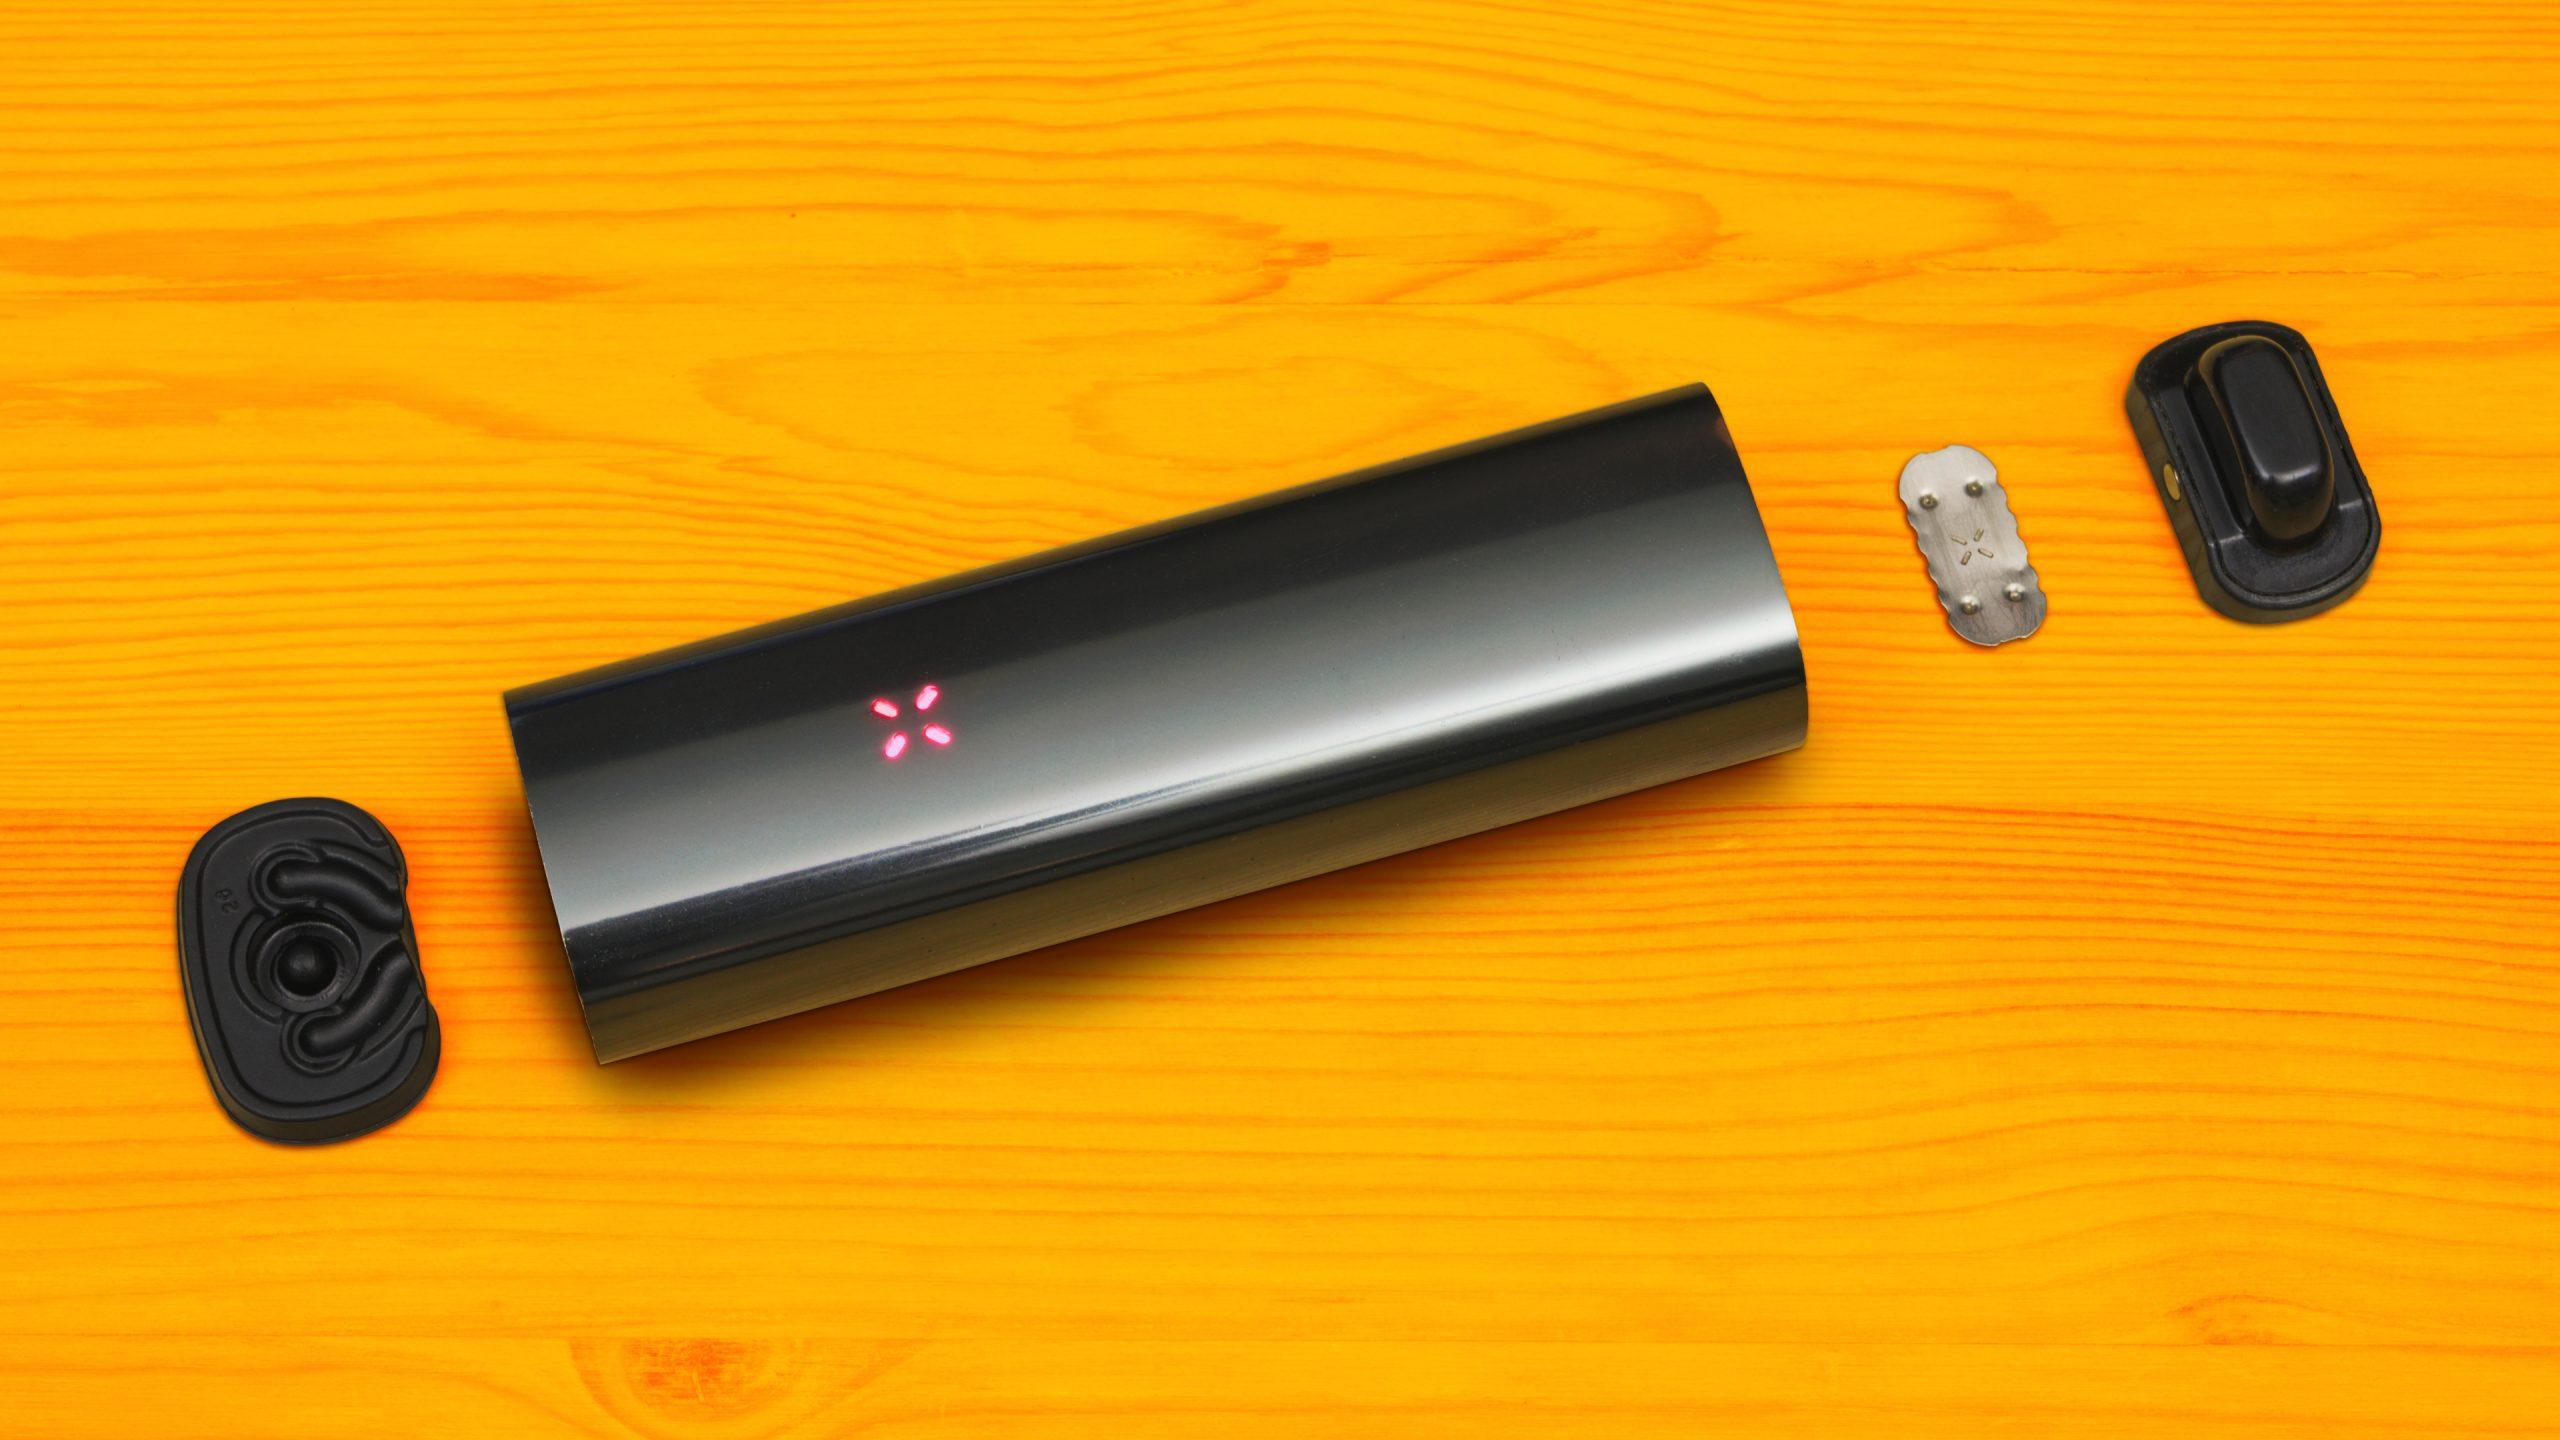 De PAX 3 deels uit elkaar gehaald. Zichtbaar zijn het platte mondstuk, de ovenschermpjes en het 'halve' dekseltje.